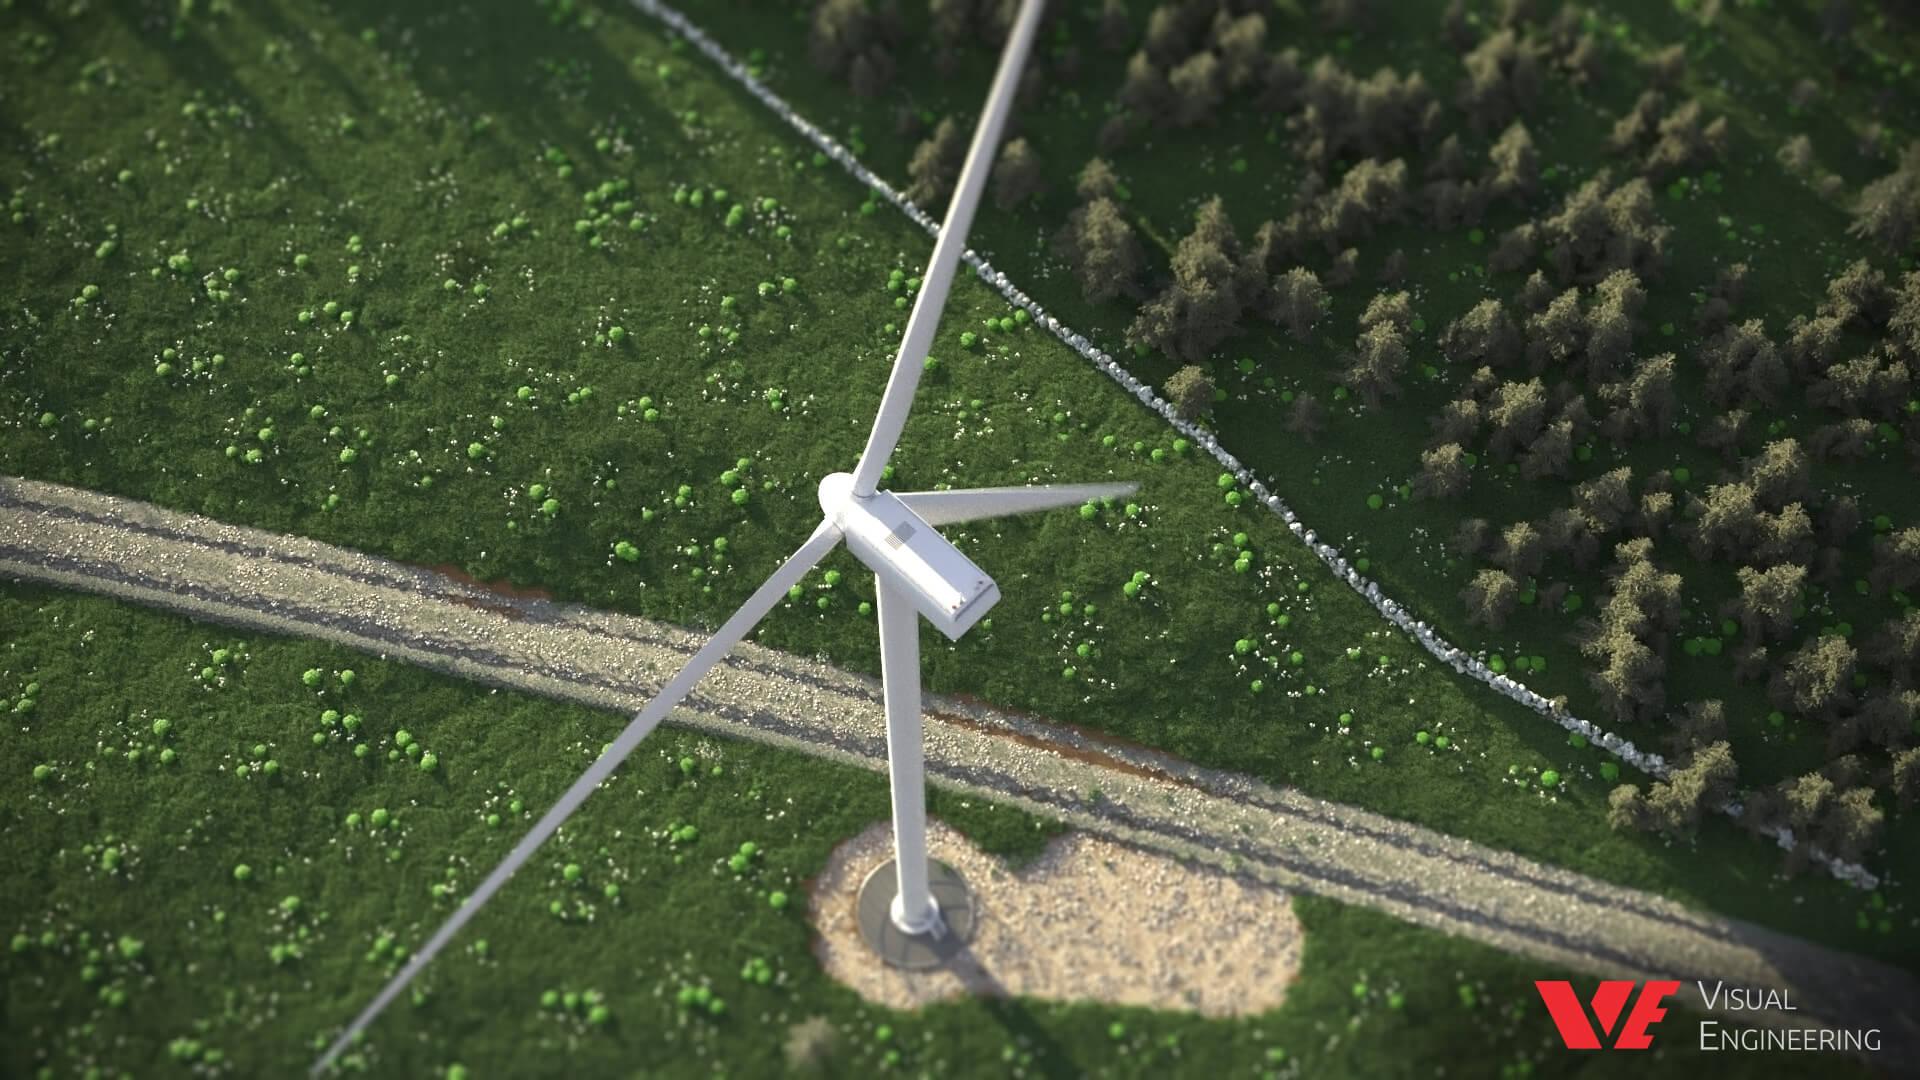 VE-Home-OurWorks-Windturbine_Landscape-1920px-001 Our Work